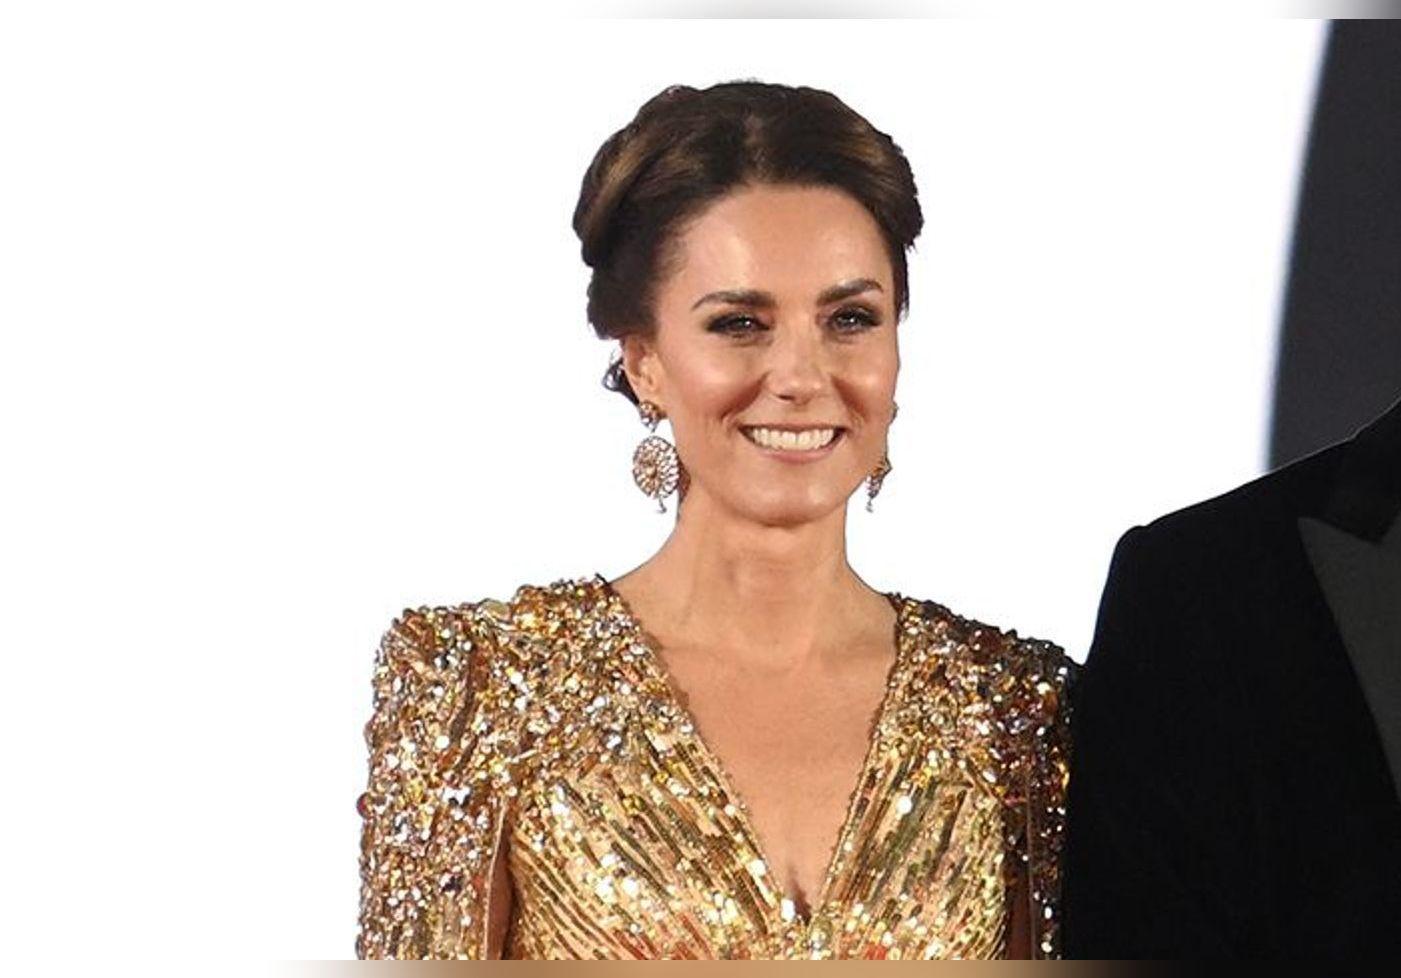 Kate Middleton renversante en robe de princesse transparente tout en or et perles dorées… A couper le souffle !